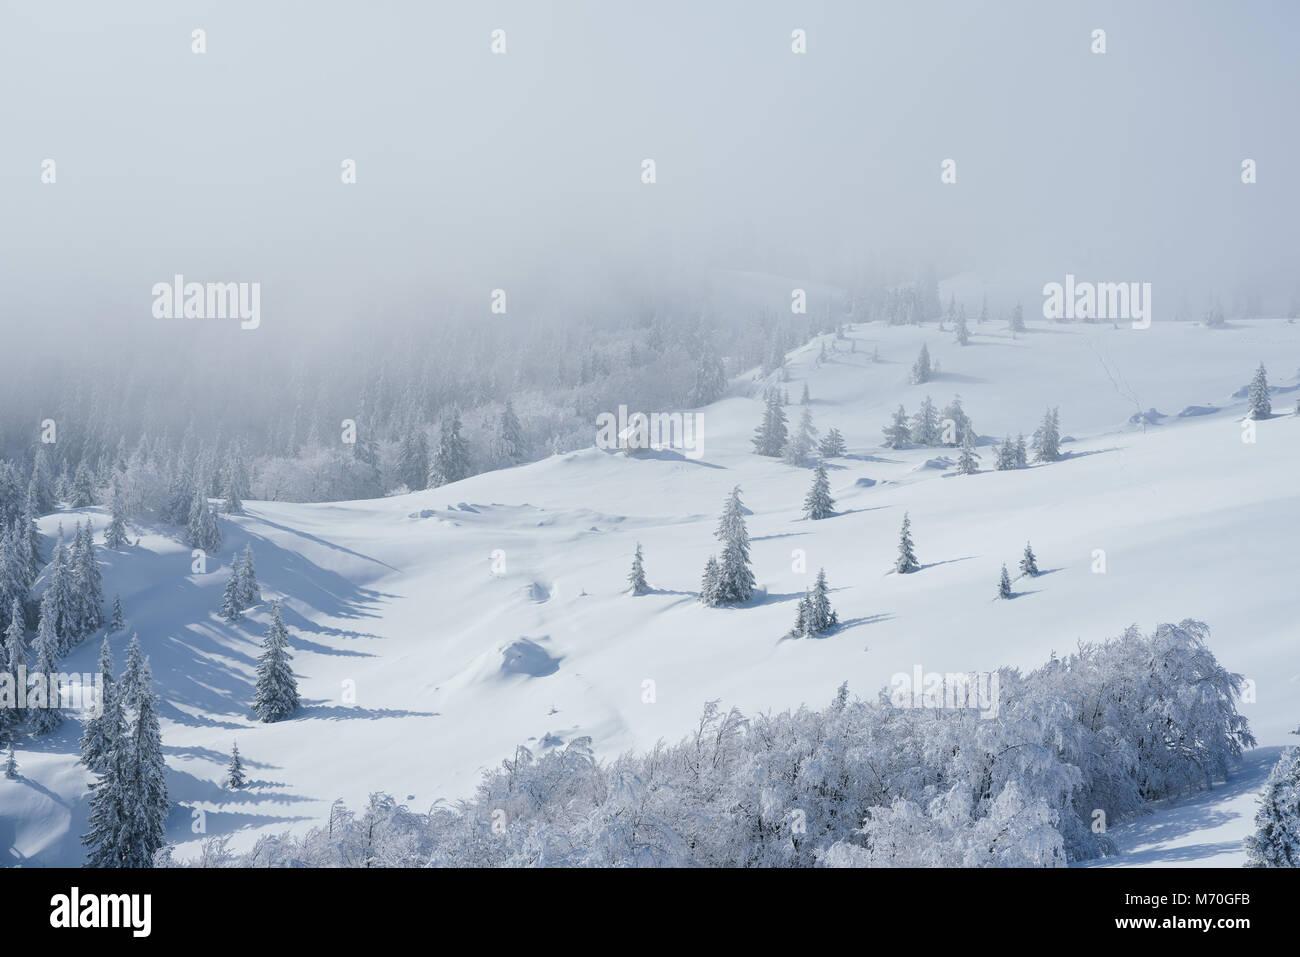 Ambiente invernale in montagna Immagini Stock